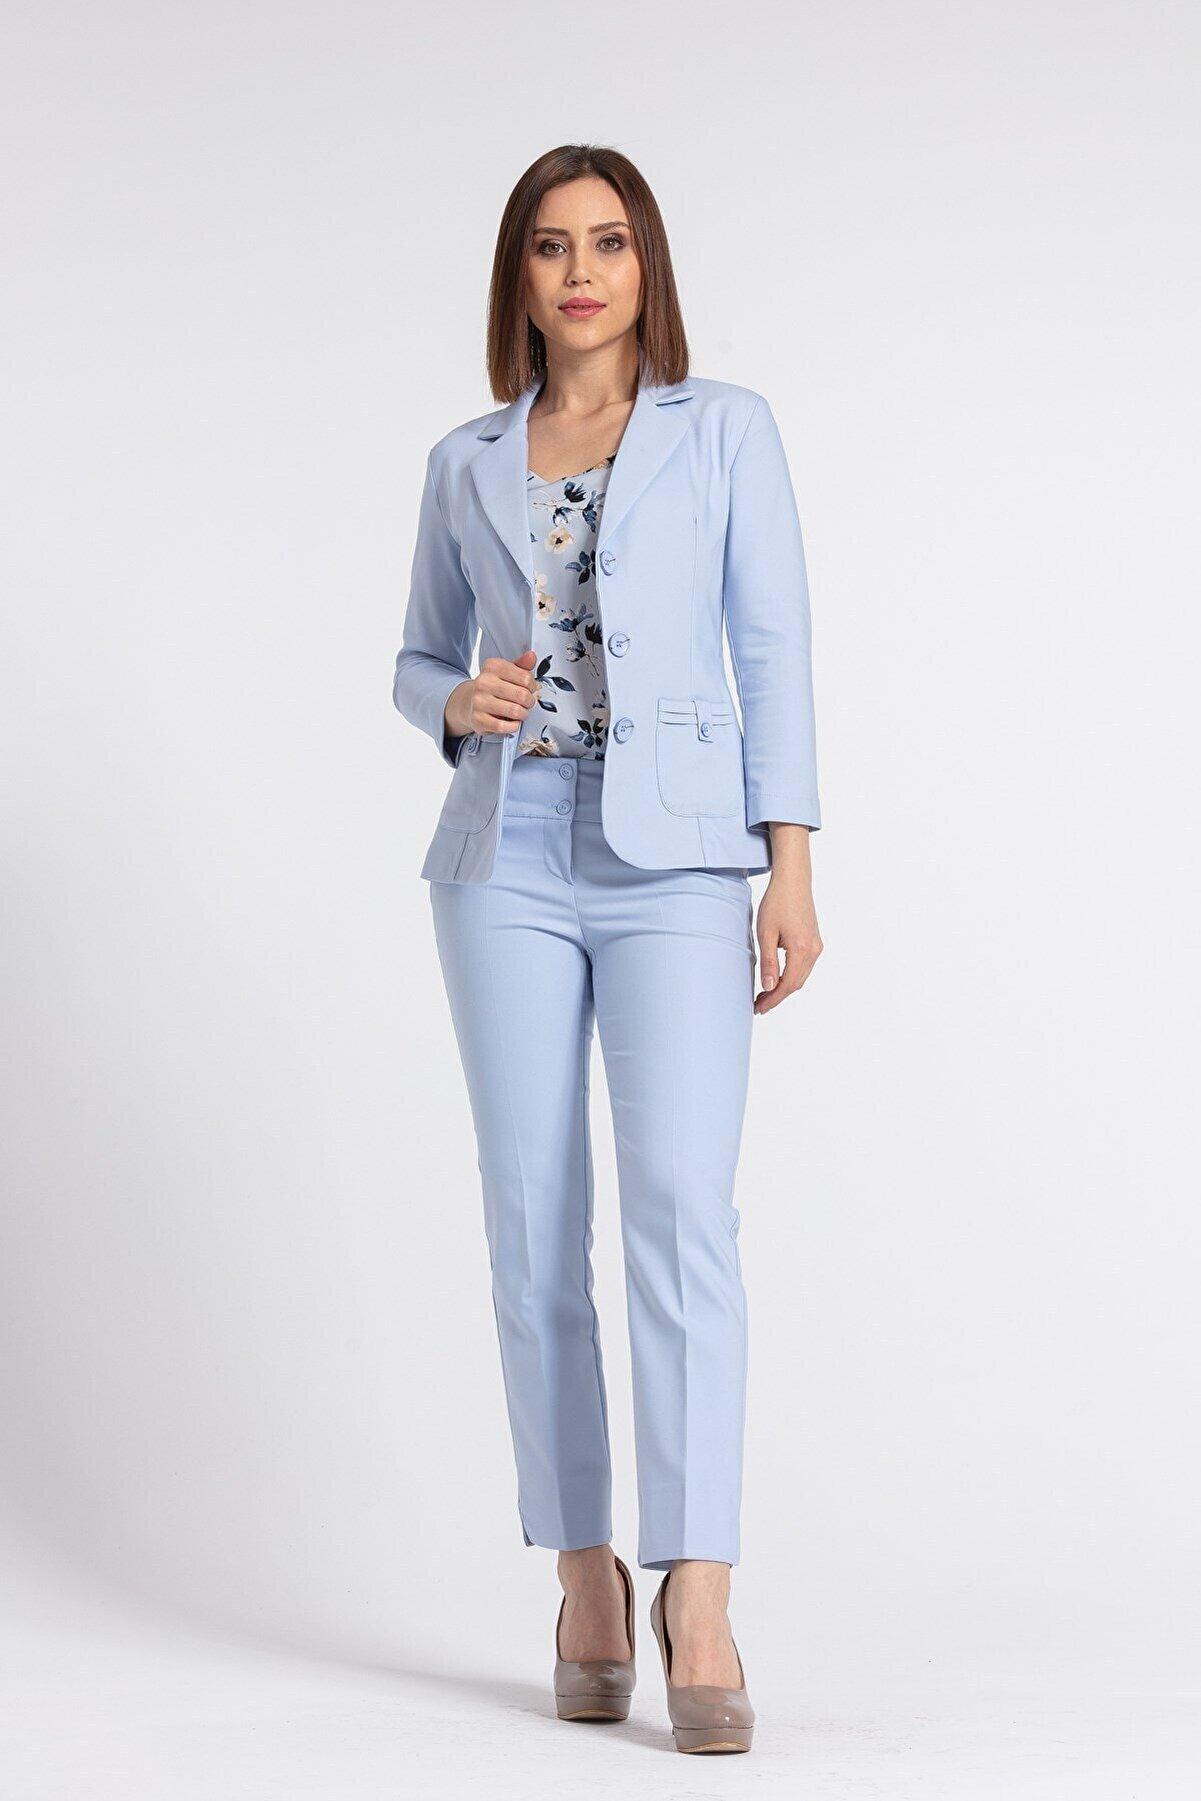 Jument Kadın Mavi Kalın Kemerli Süs Cepli Paçası Yırtmaçlı Ofis Kumaş Pantolon-